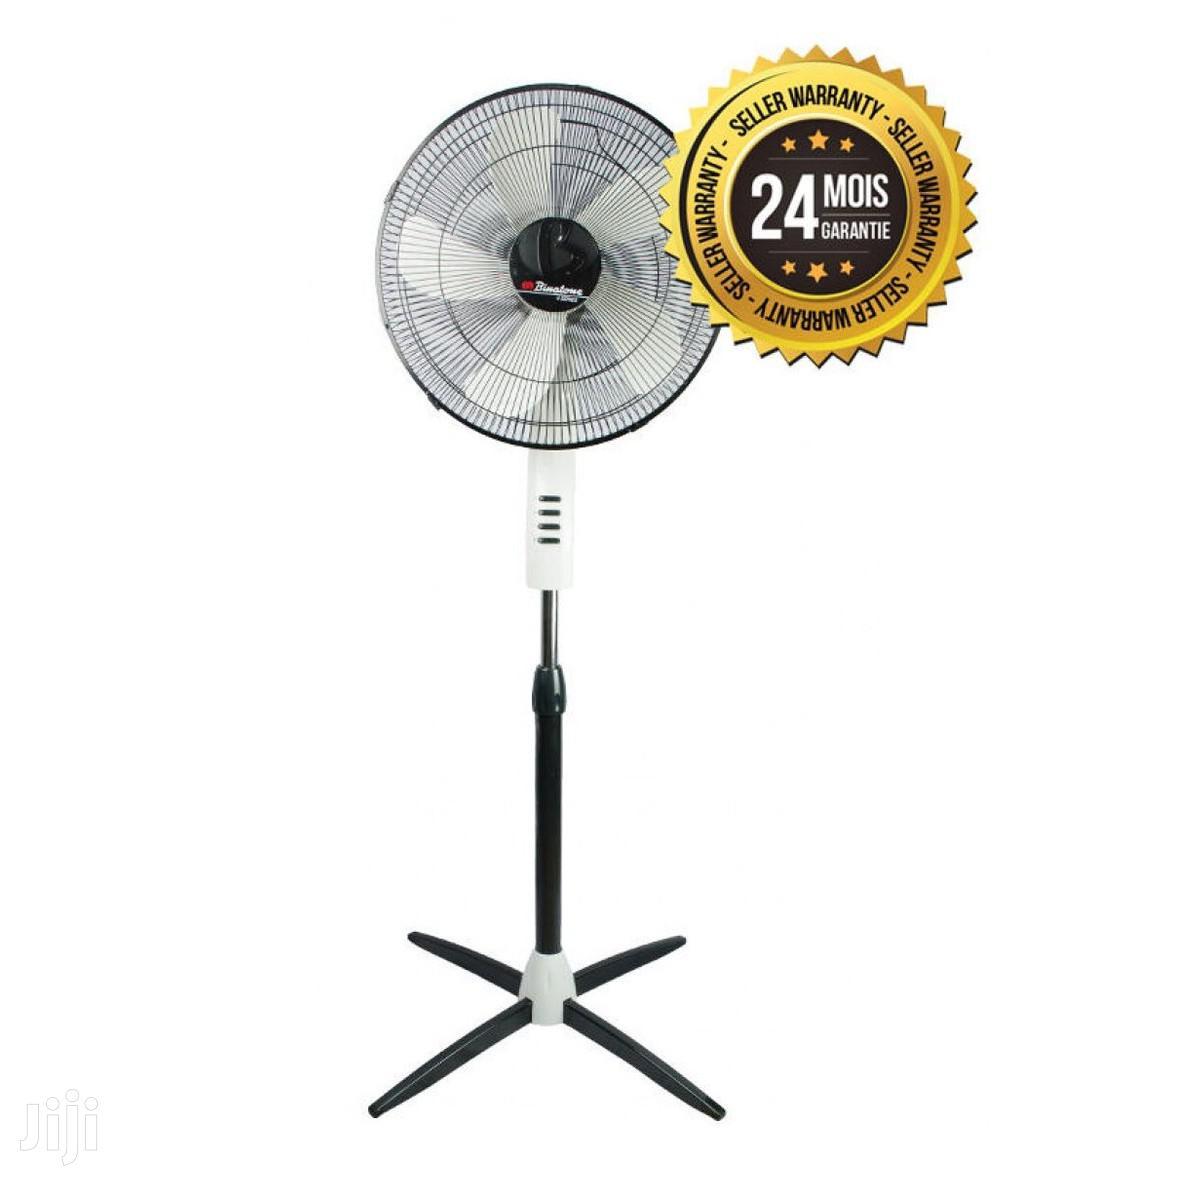 Binatone Standing Fan